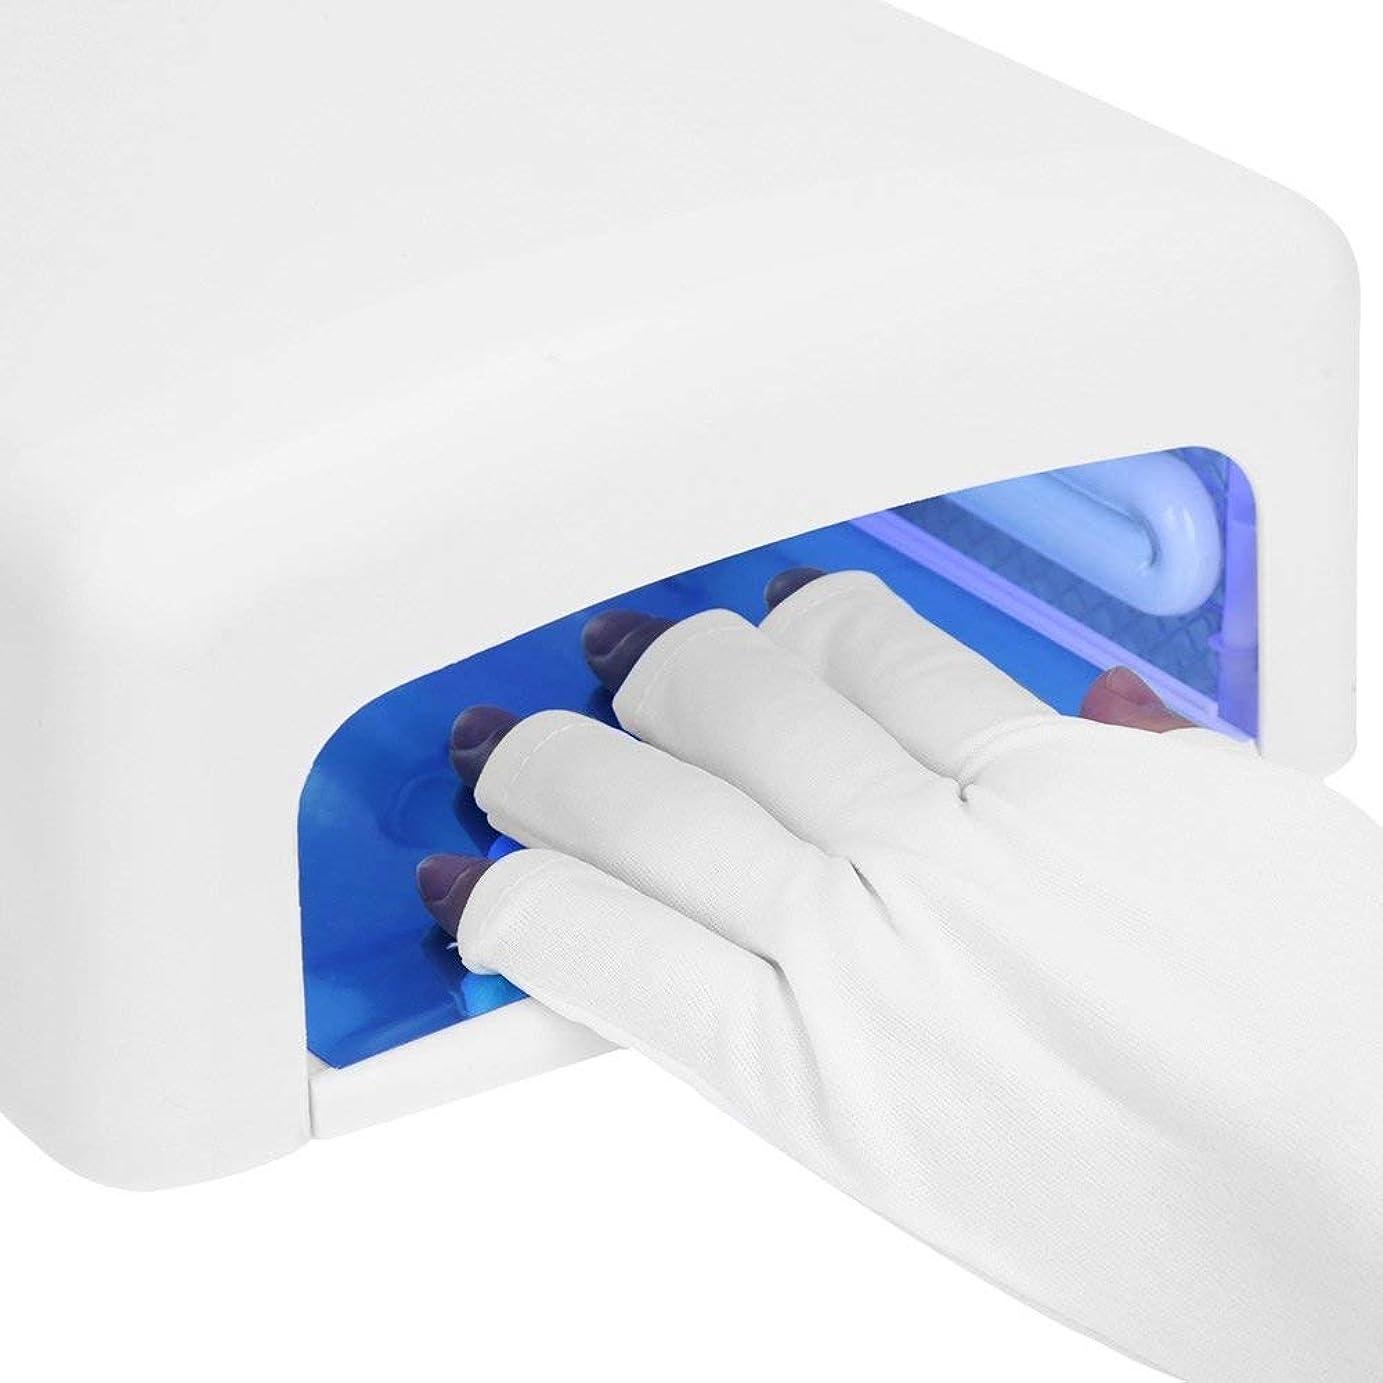 ペルセウス羊巨大UV シールド手袋、ジェル ? ポリッシュの紫外線保護手袋、ゲル爪紫外線乾燥硬化ランプ UV 爪ランプ